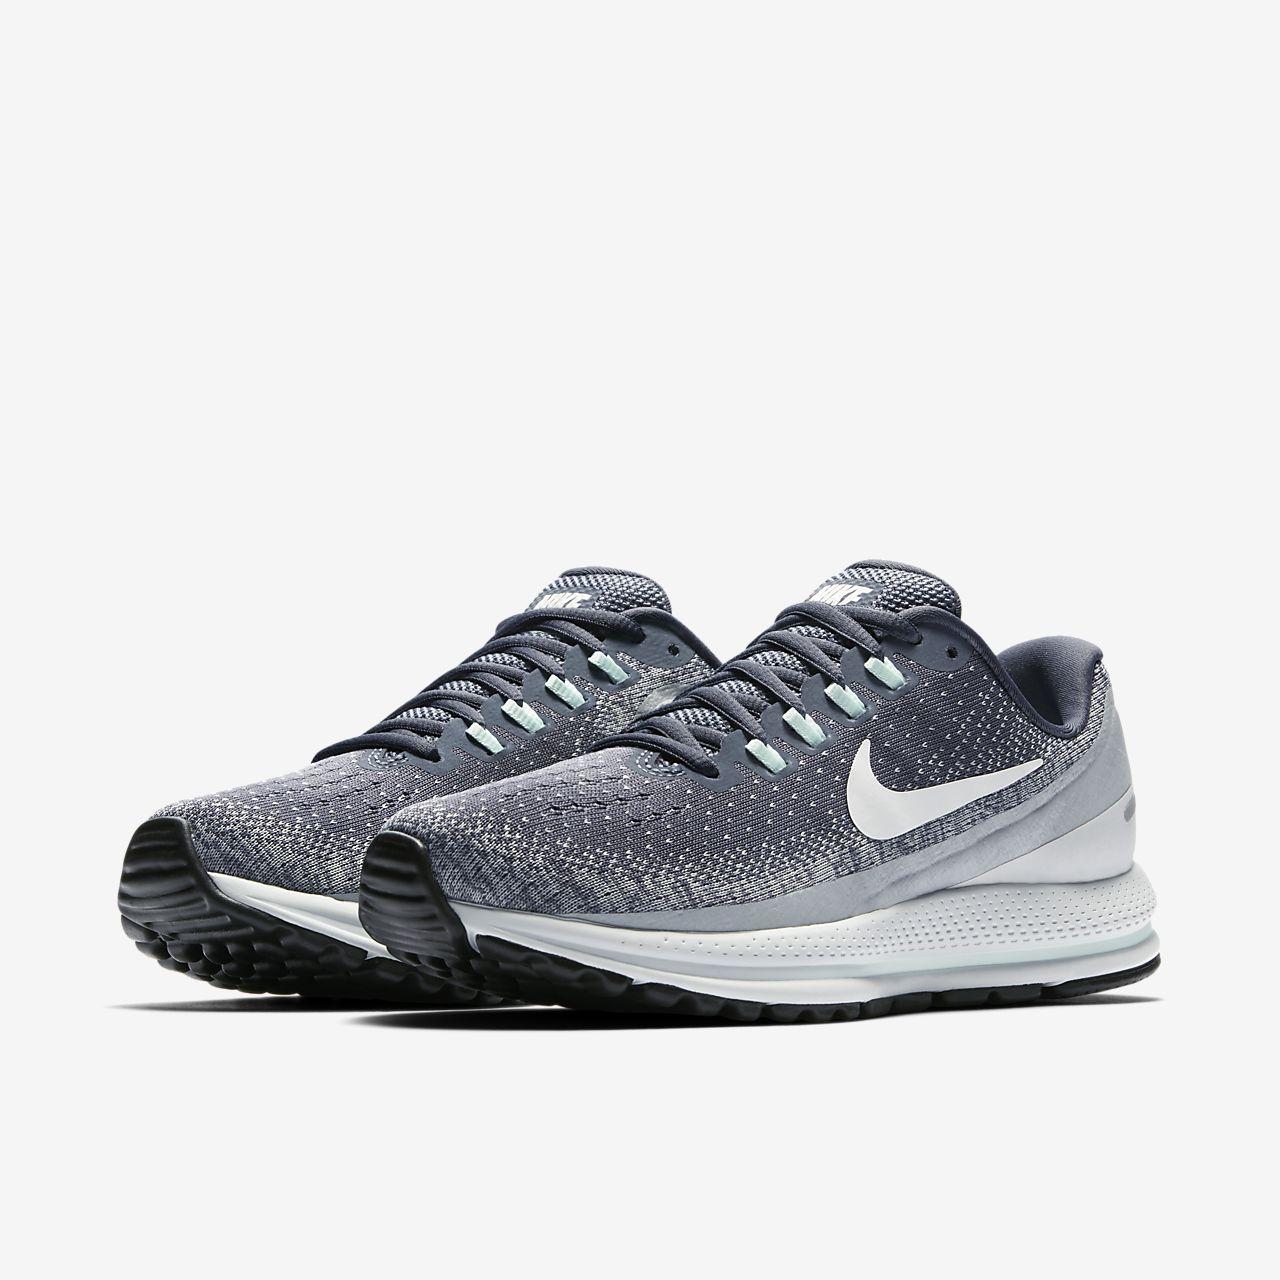 best service d4e95 d3a73 ... Nike Air Zoom Vomero 13 Women s Running Shoe